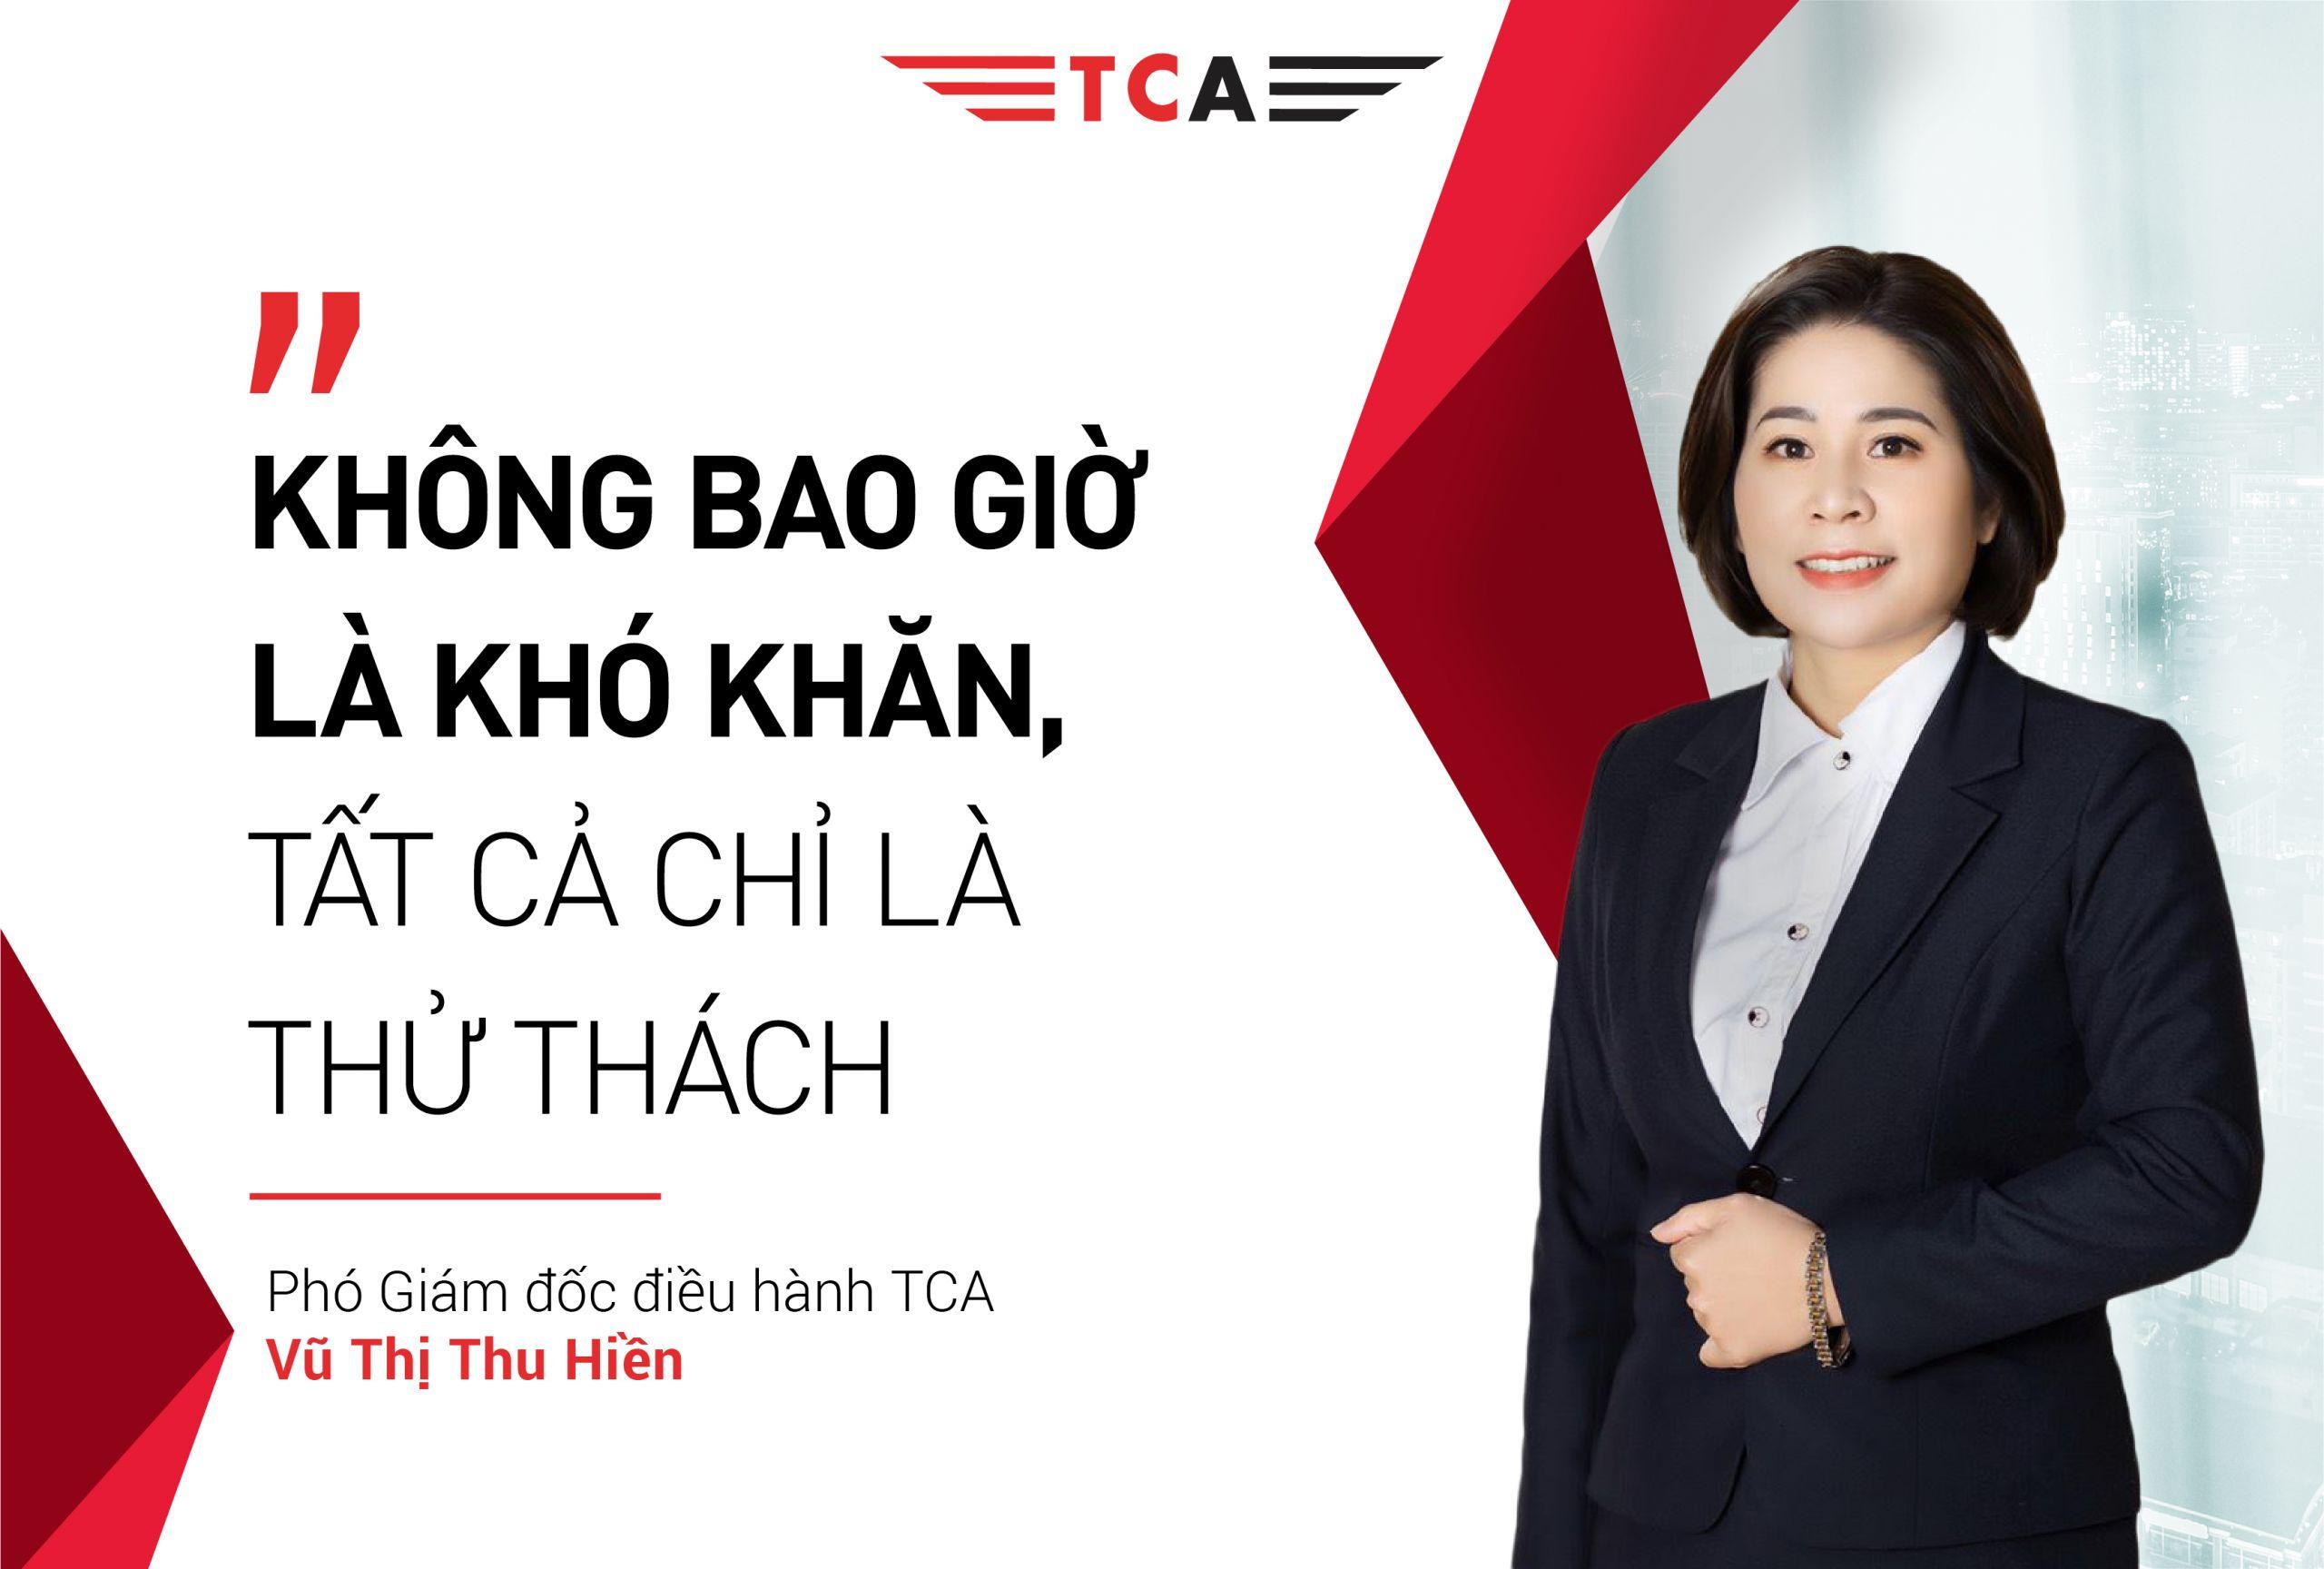 Vu Thi Thu Hien